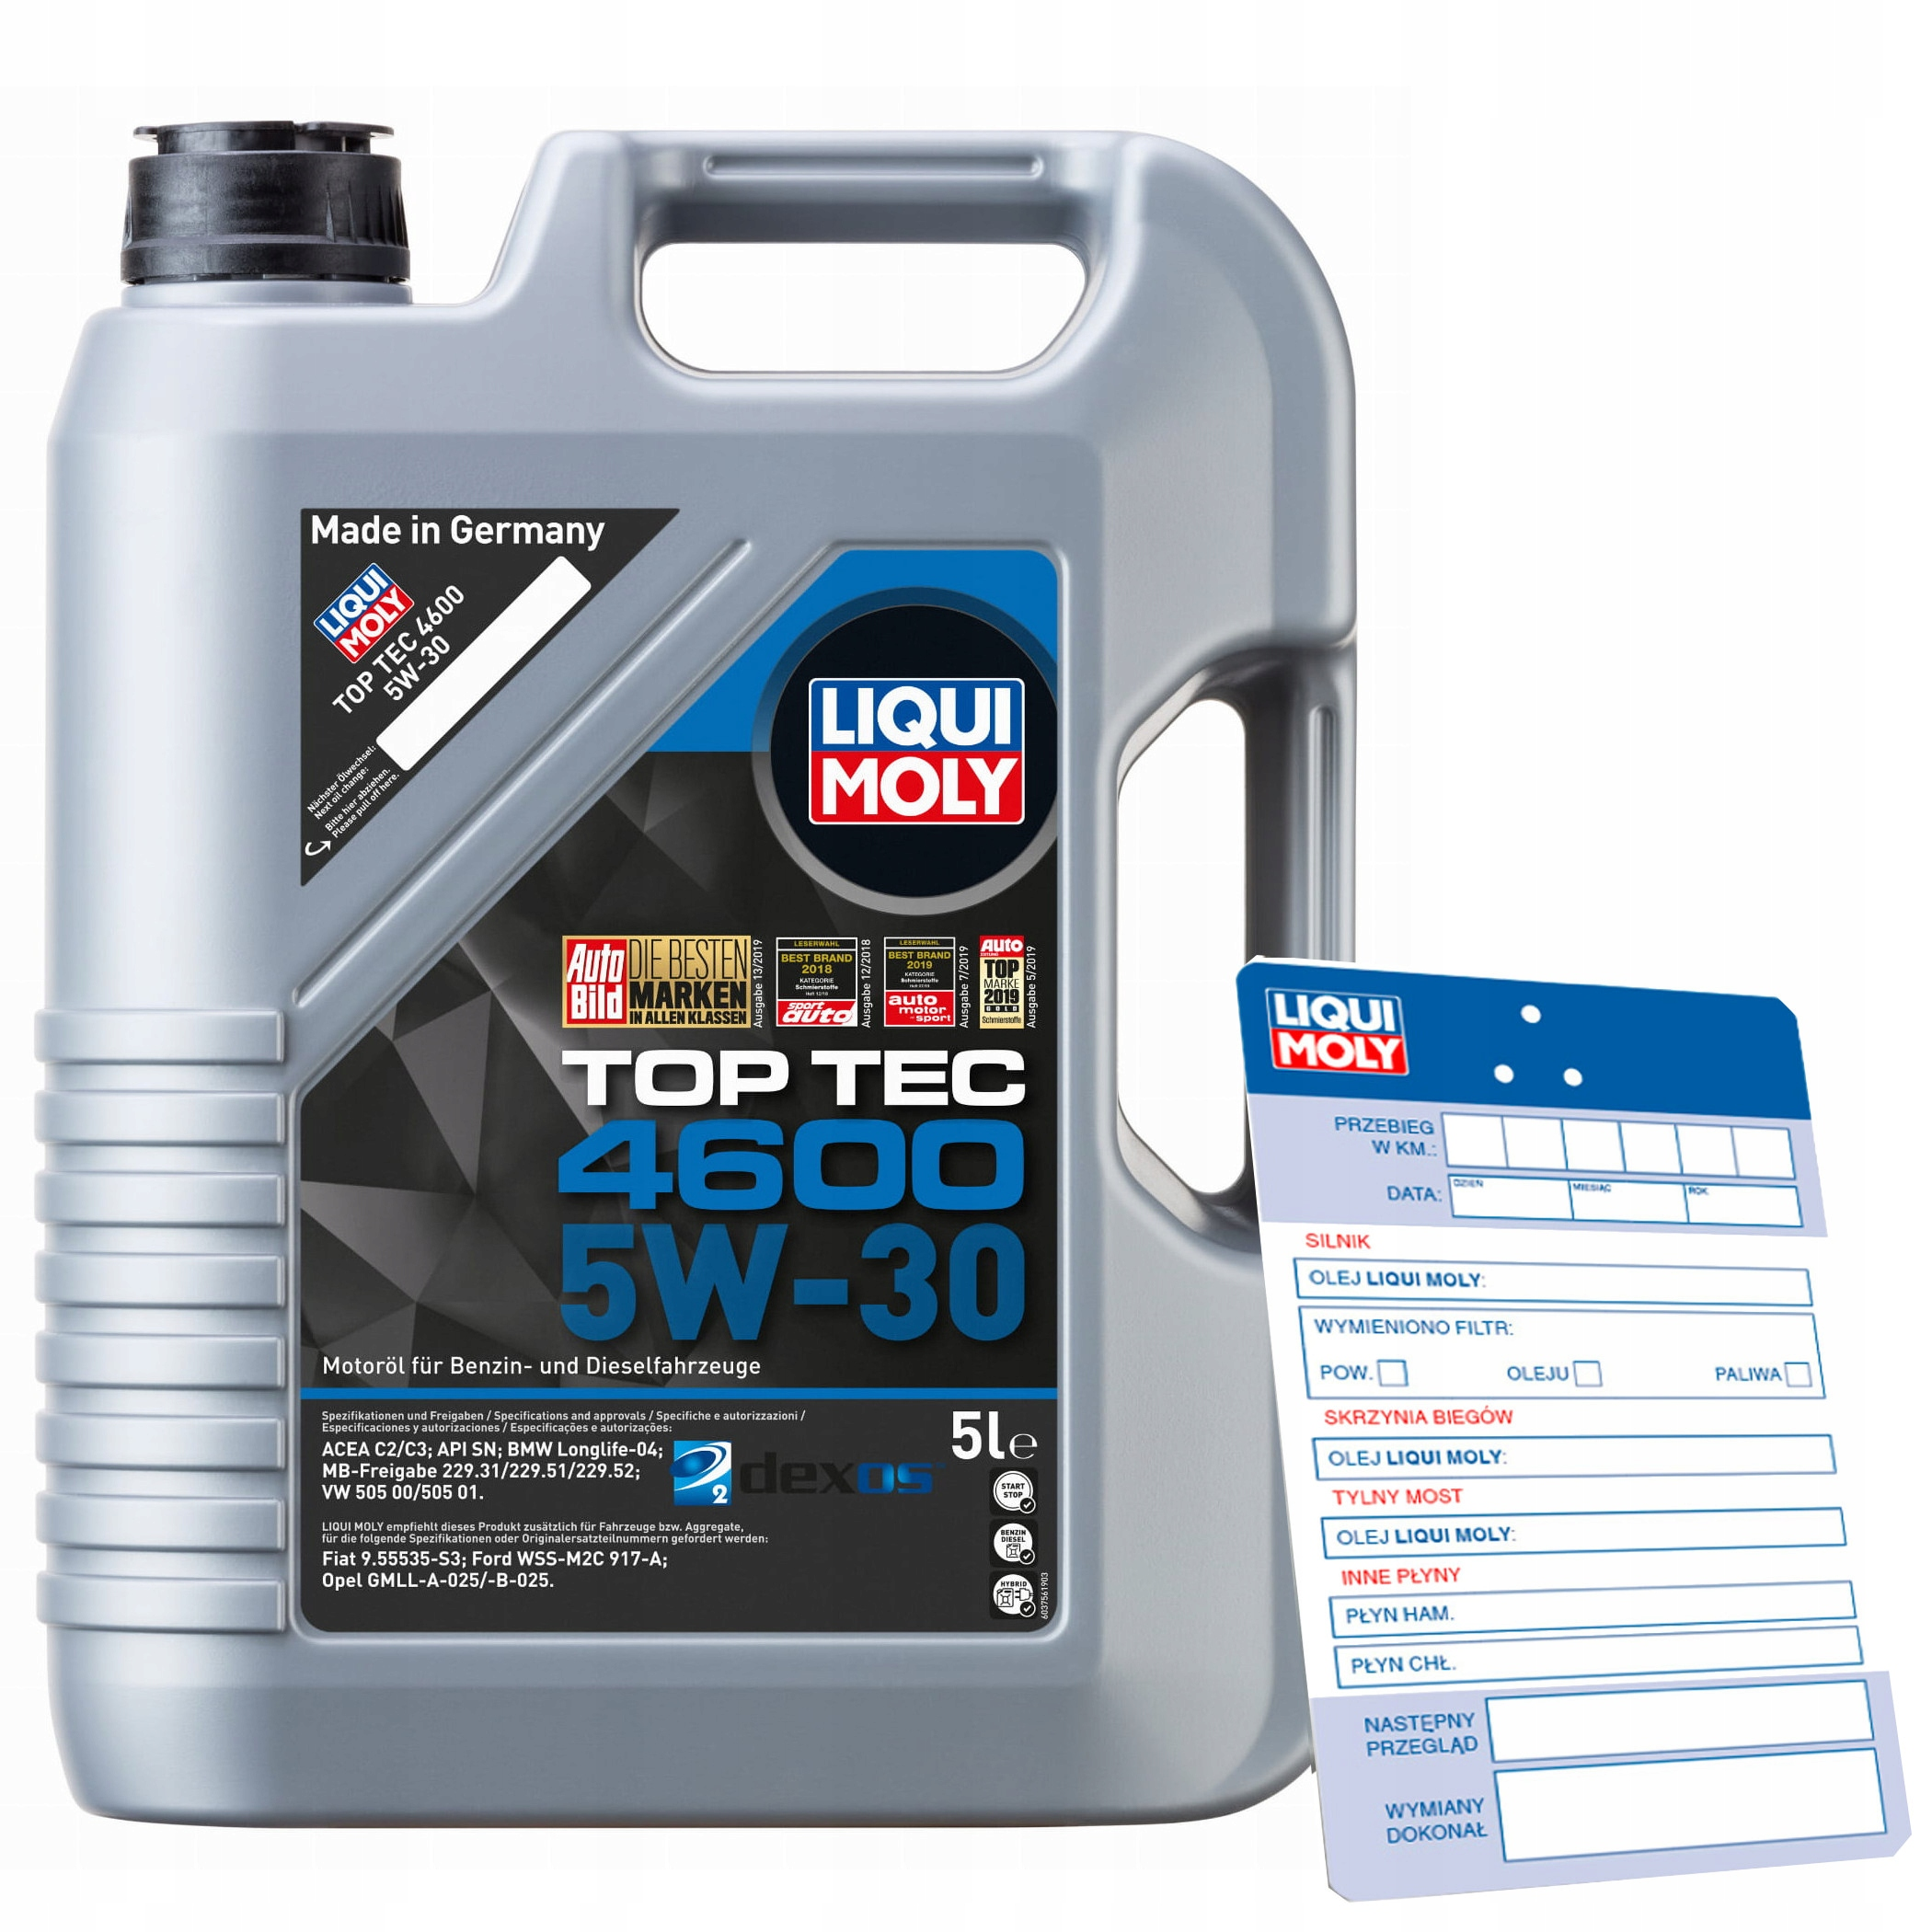 Olej Liqui Moly Top Tec 4600 5W30 5L / 5 litrów